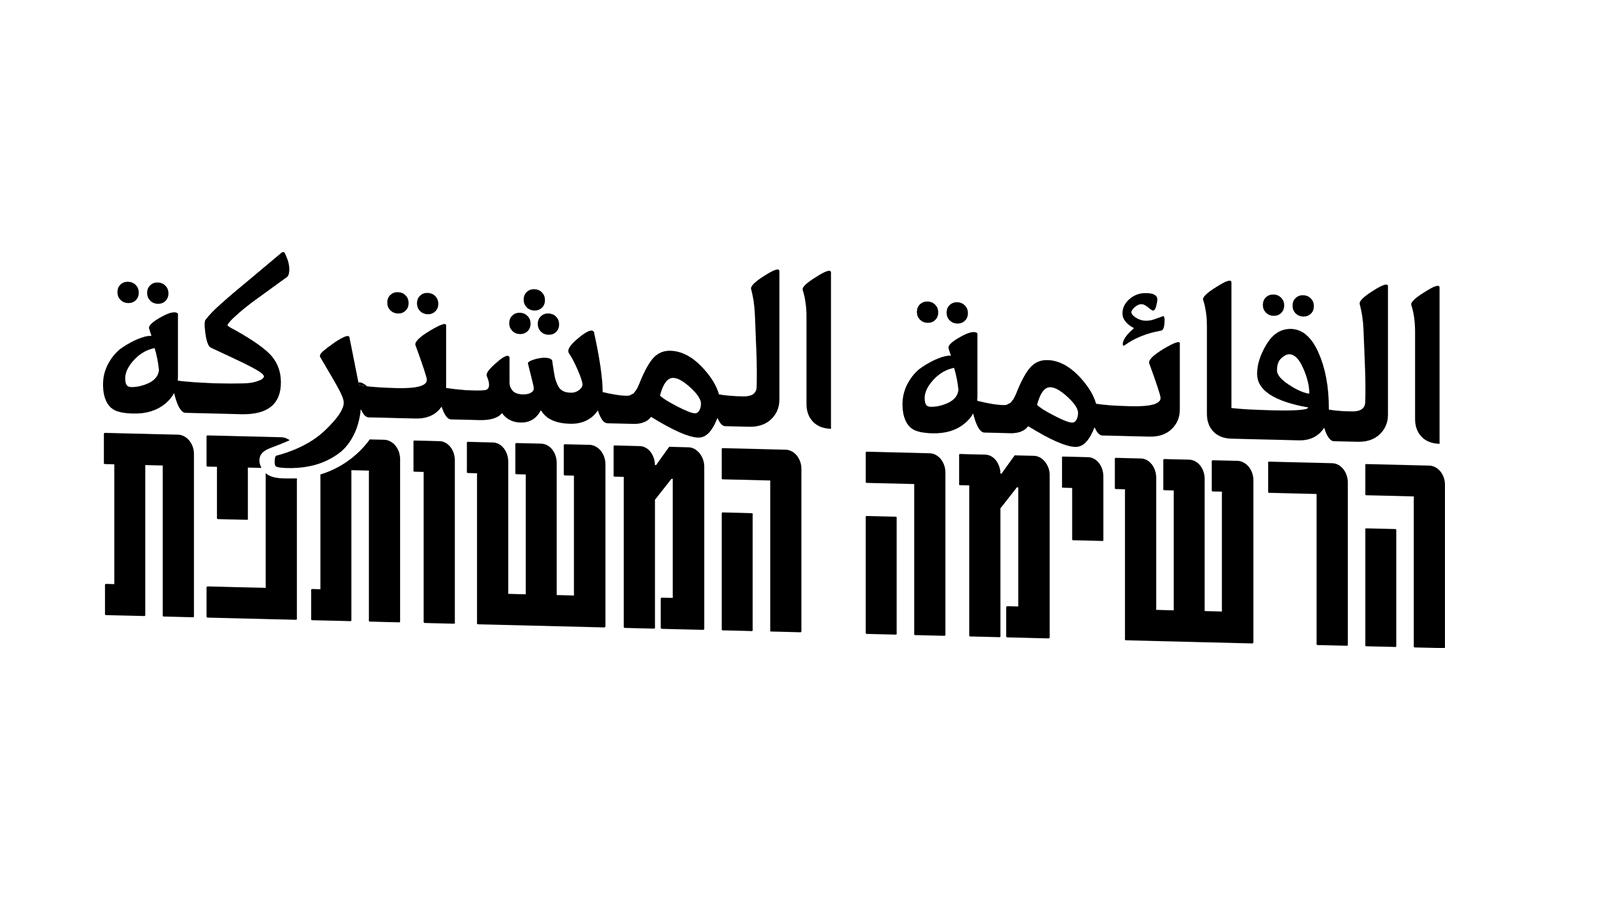 לוגו הרשימה המשותפת(צילום - מעריב אונליין)